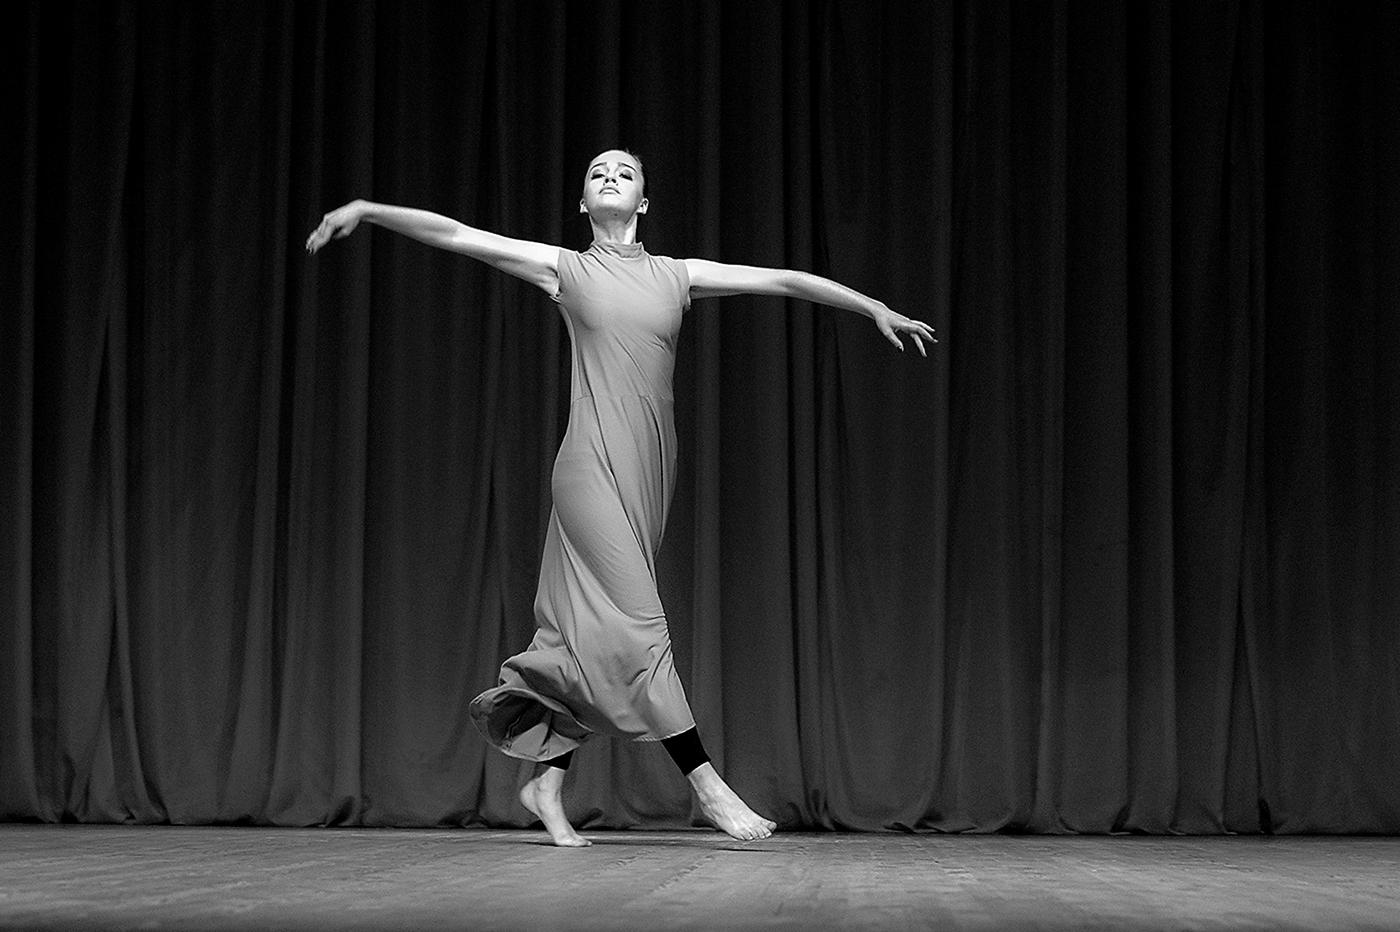 ранних лет театр танца марина фото важно